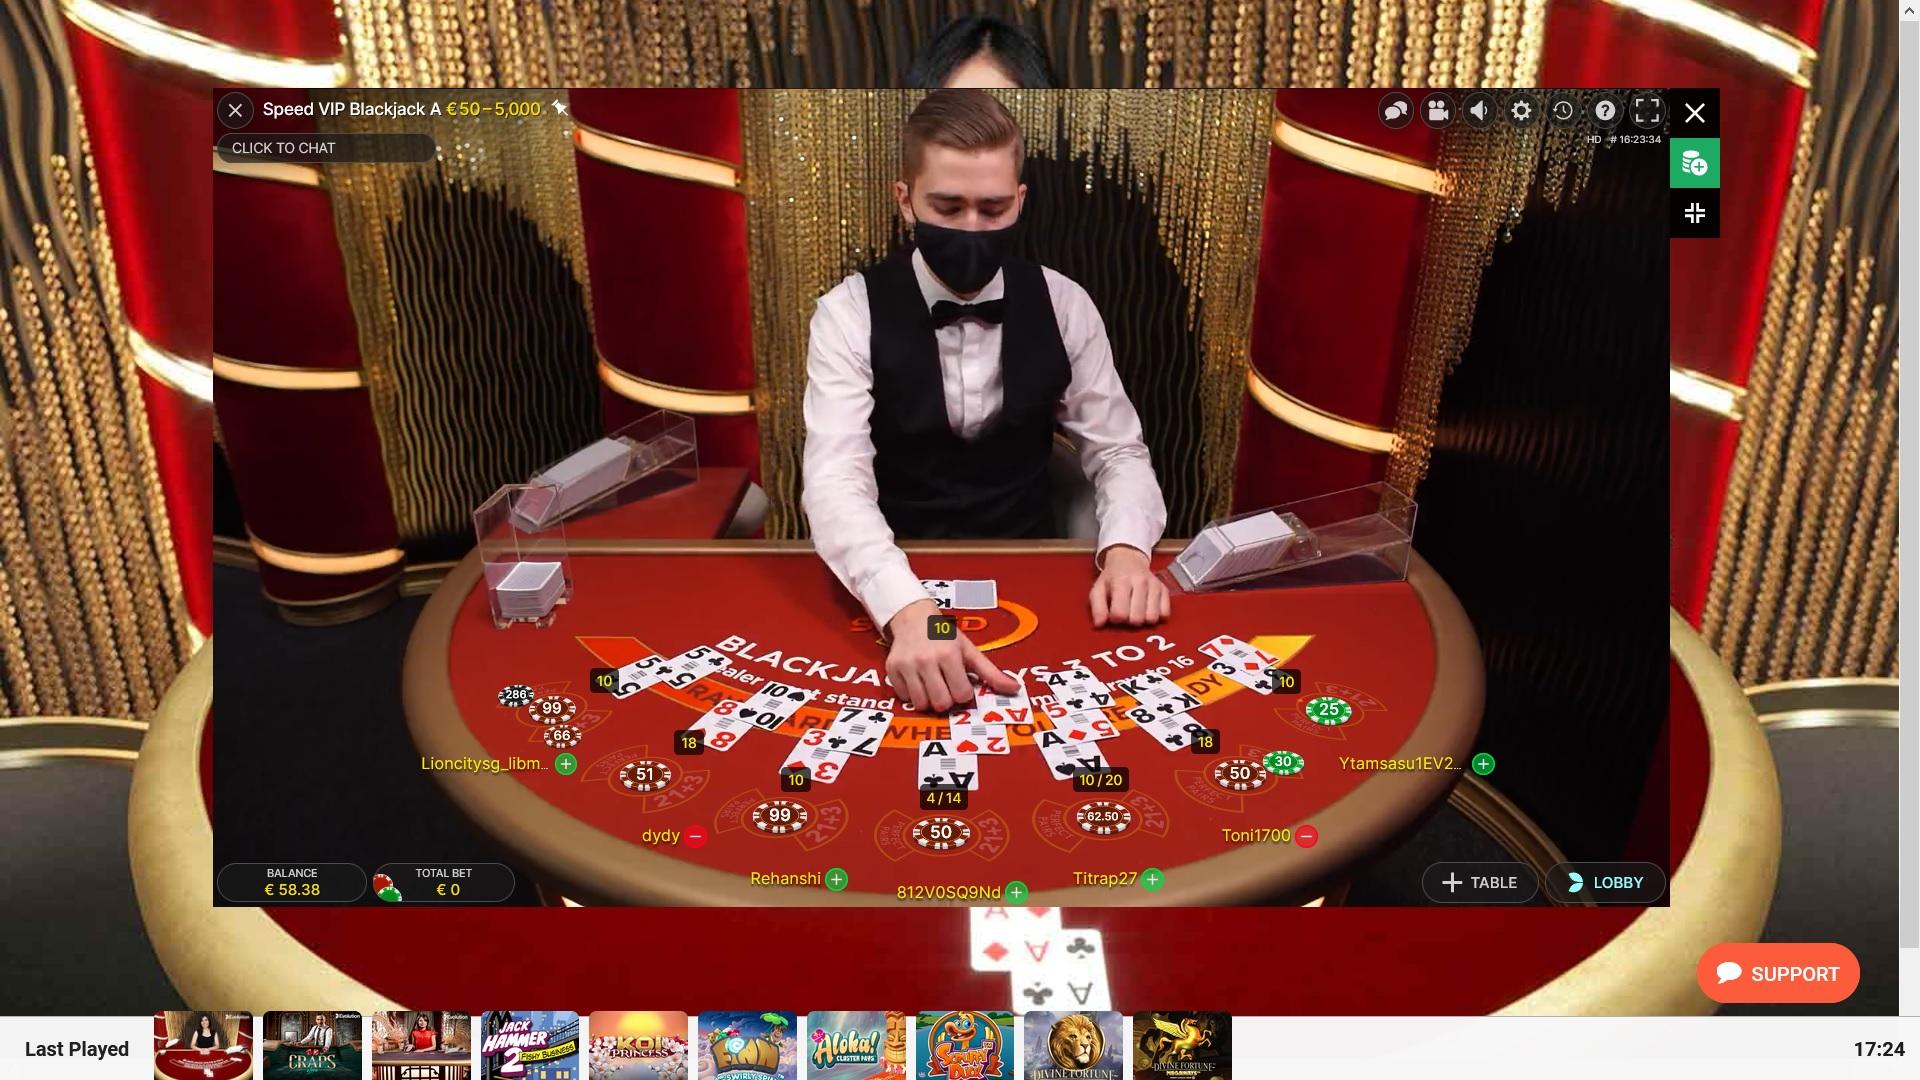 Evolution Gaming presents Live Speed Blackjack